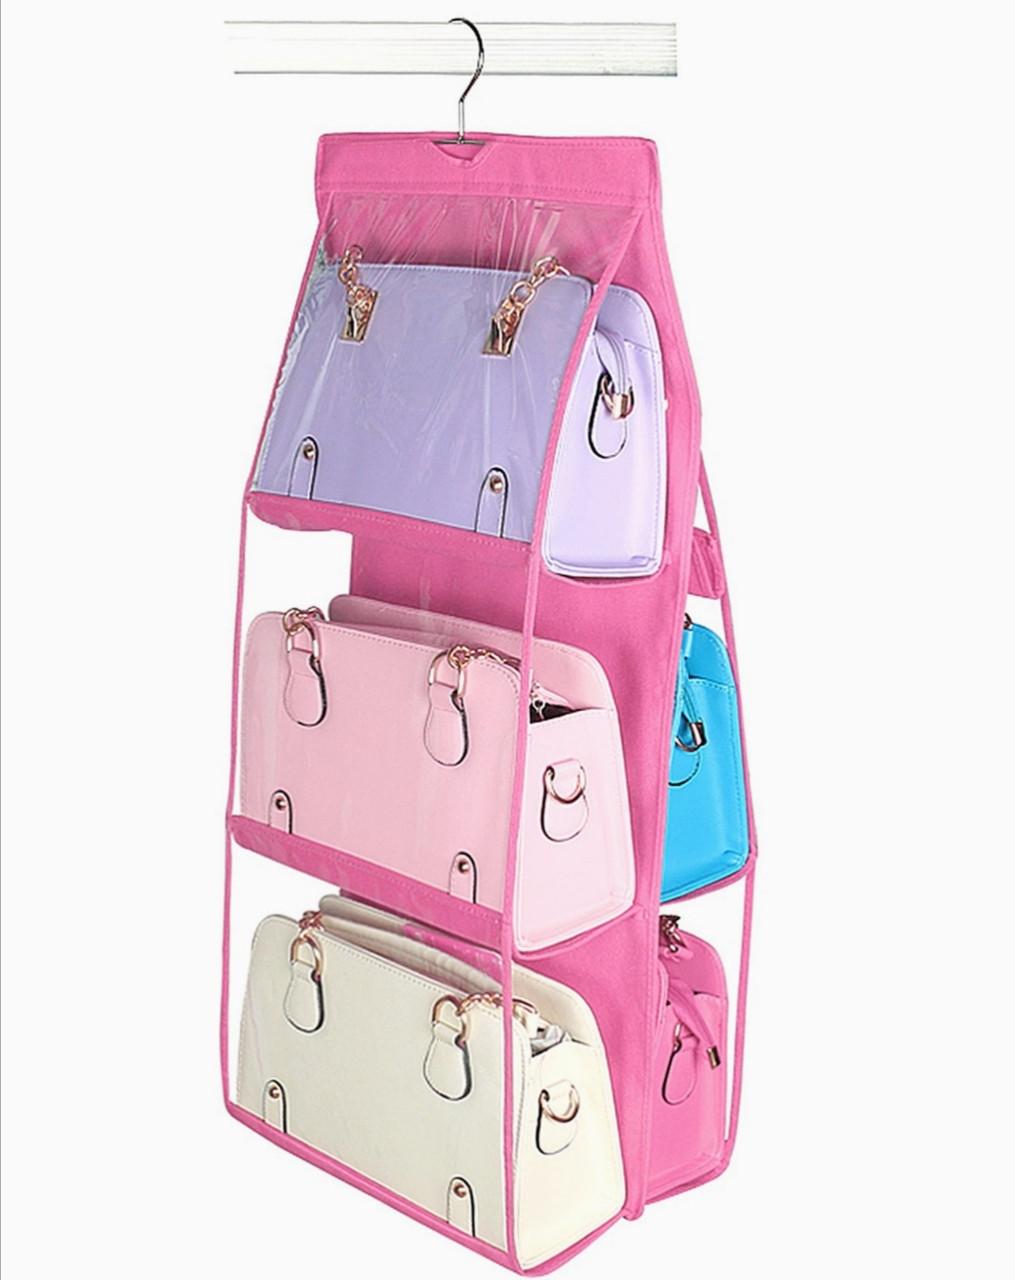 Подвесной органайзер на 6 отделений розового цвета для хранения сумок и мелких предметов одежды